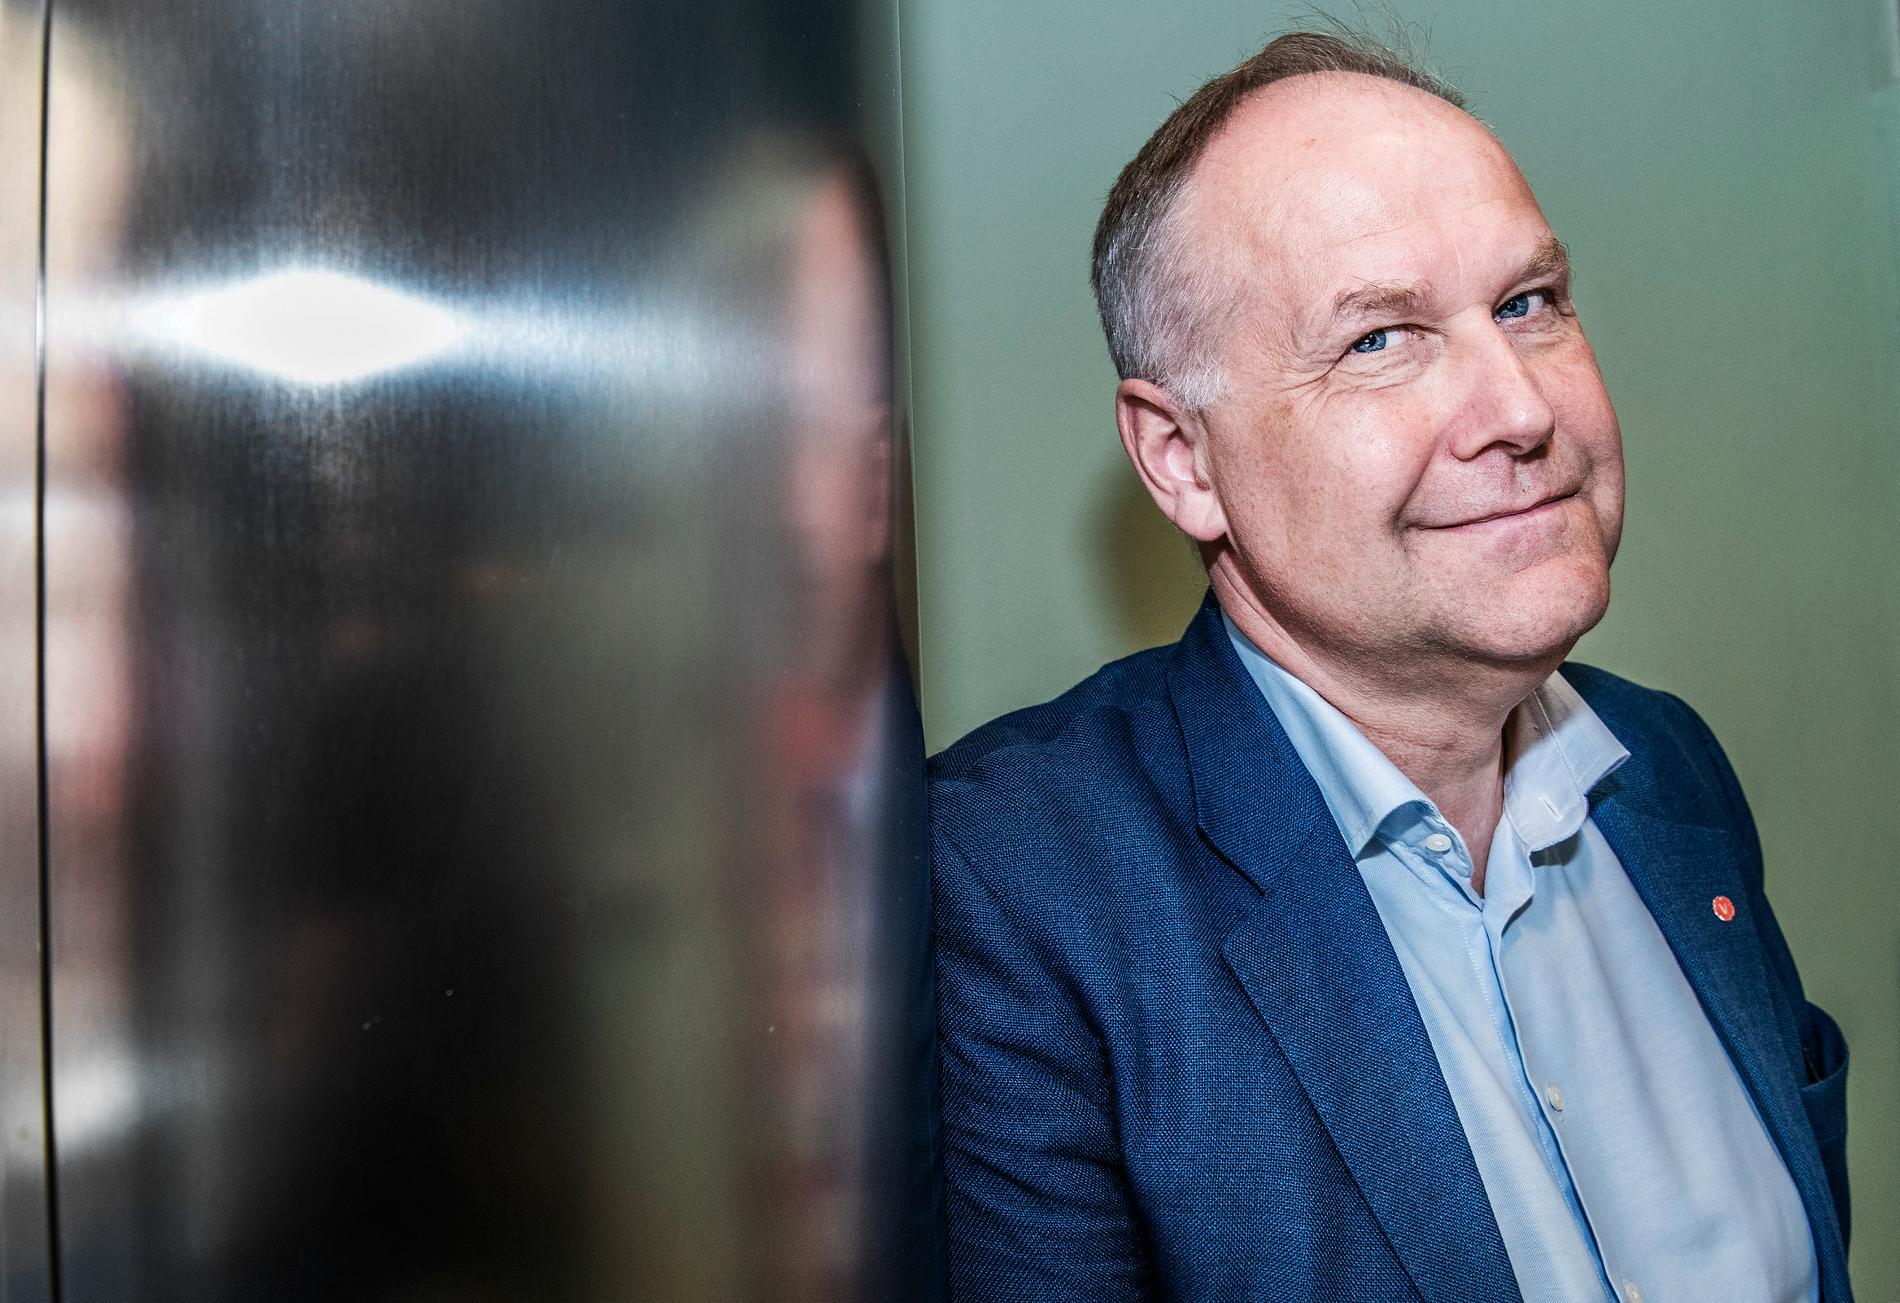 36 procent tillfrågade uppger att de har förtroende för Jonas Sjöstedt (V) som partiledare. Motsvarande siffra för Stefan Löfven är 35 procent. Arkivbild.